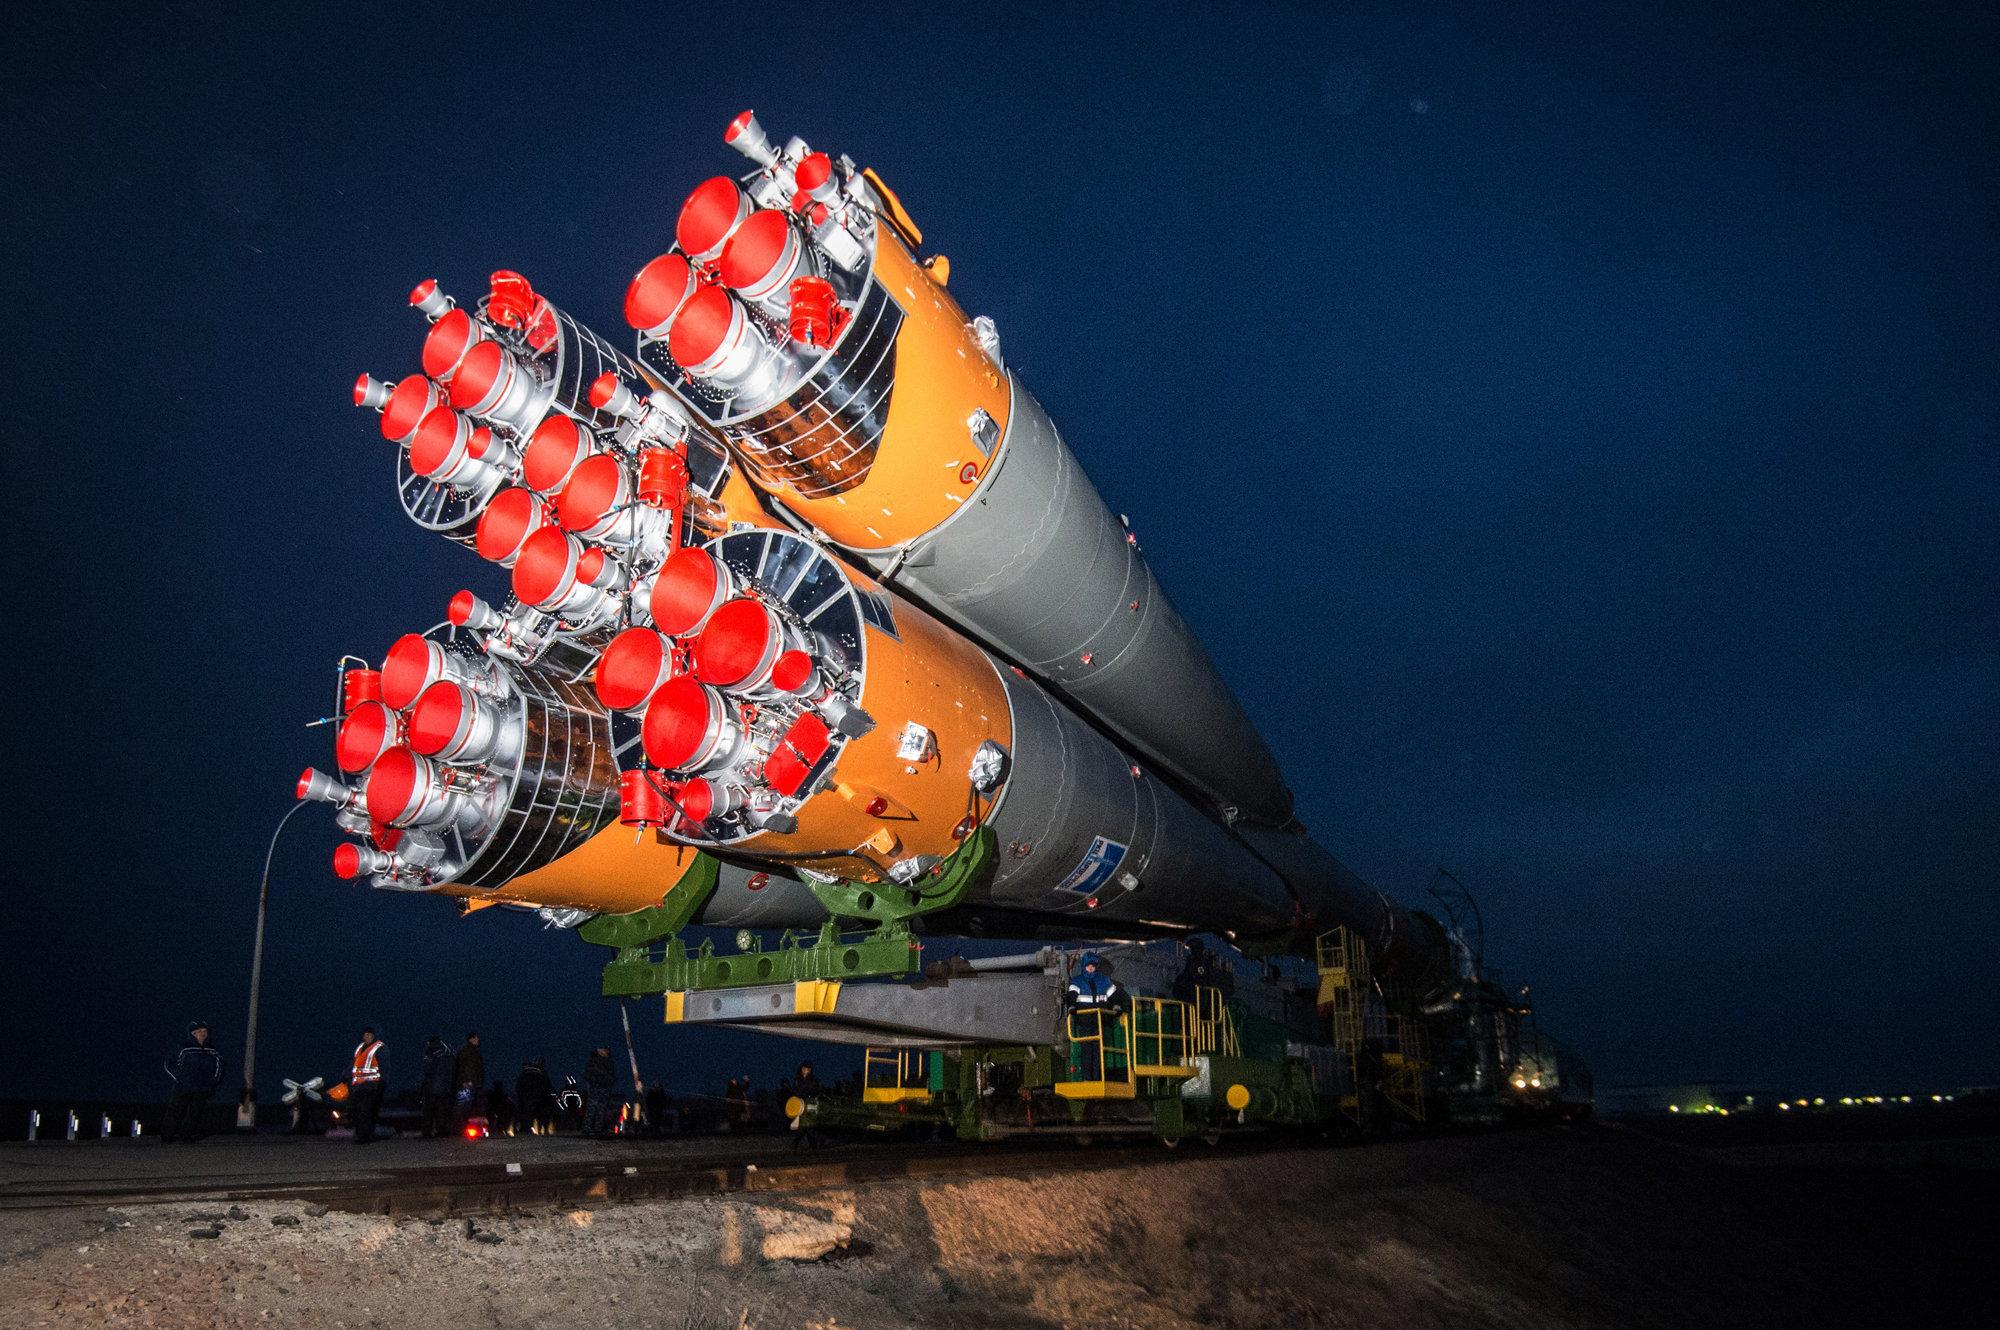 Ренессанс российской космической науки